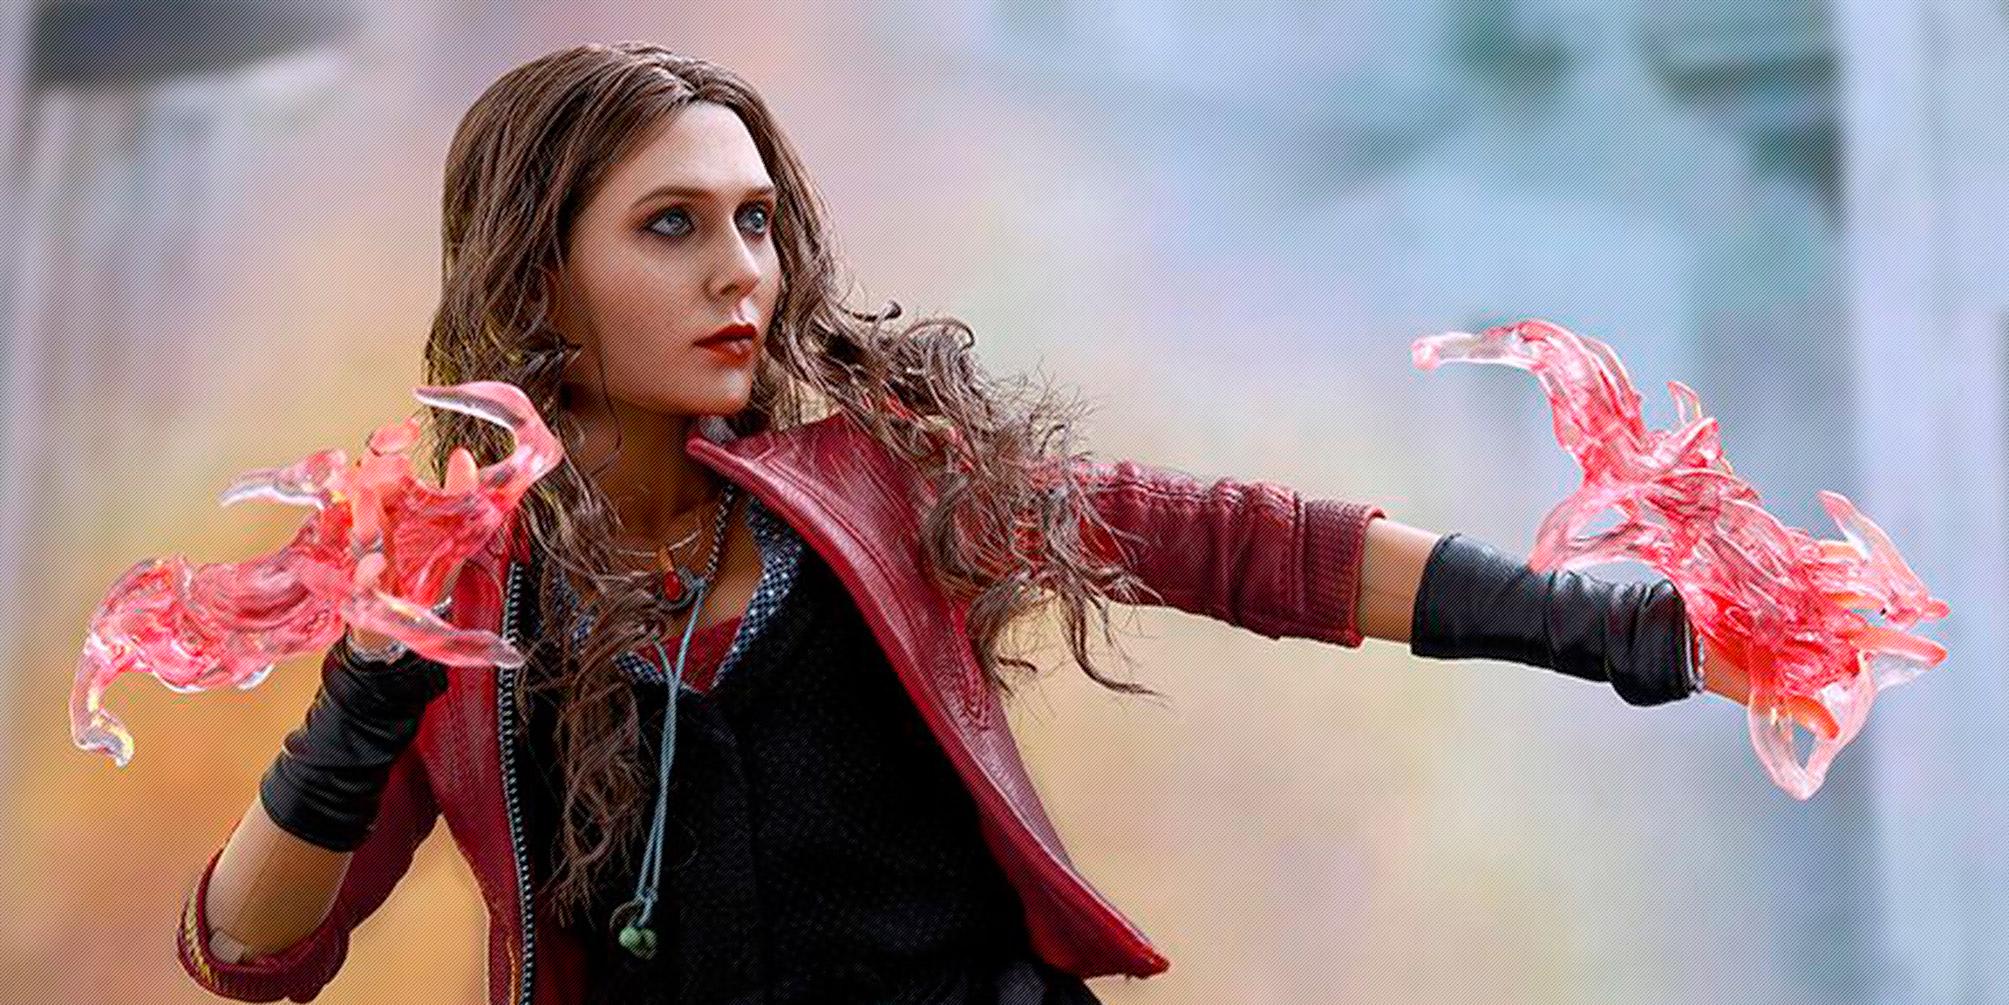 Elizabeth Olsen avengers